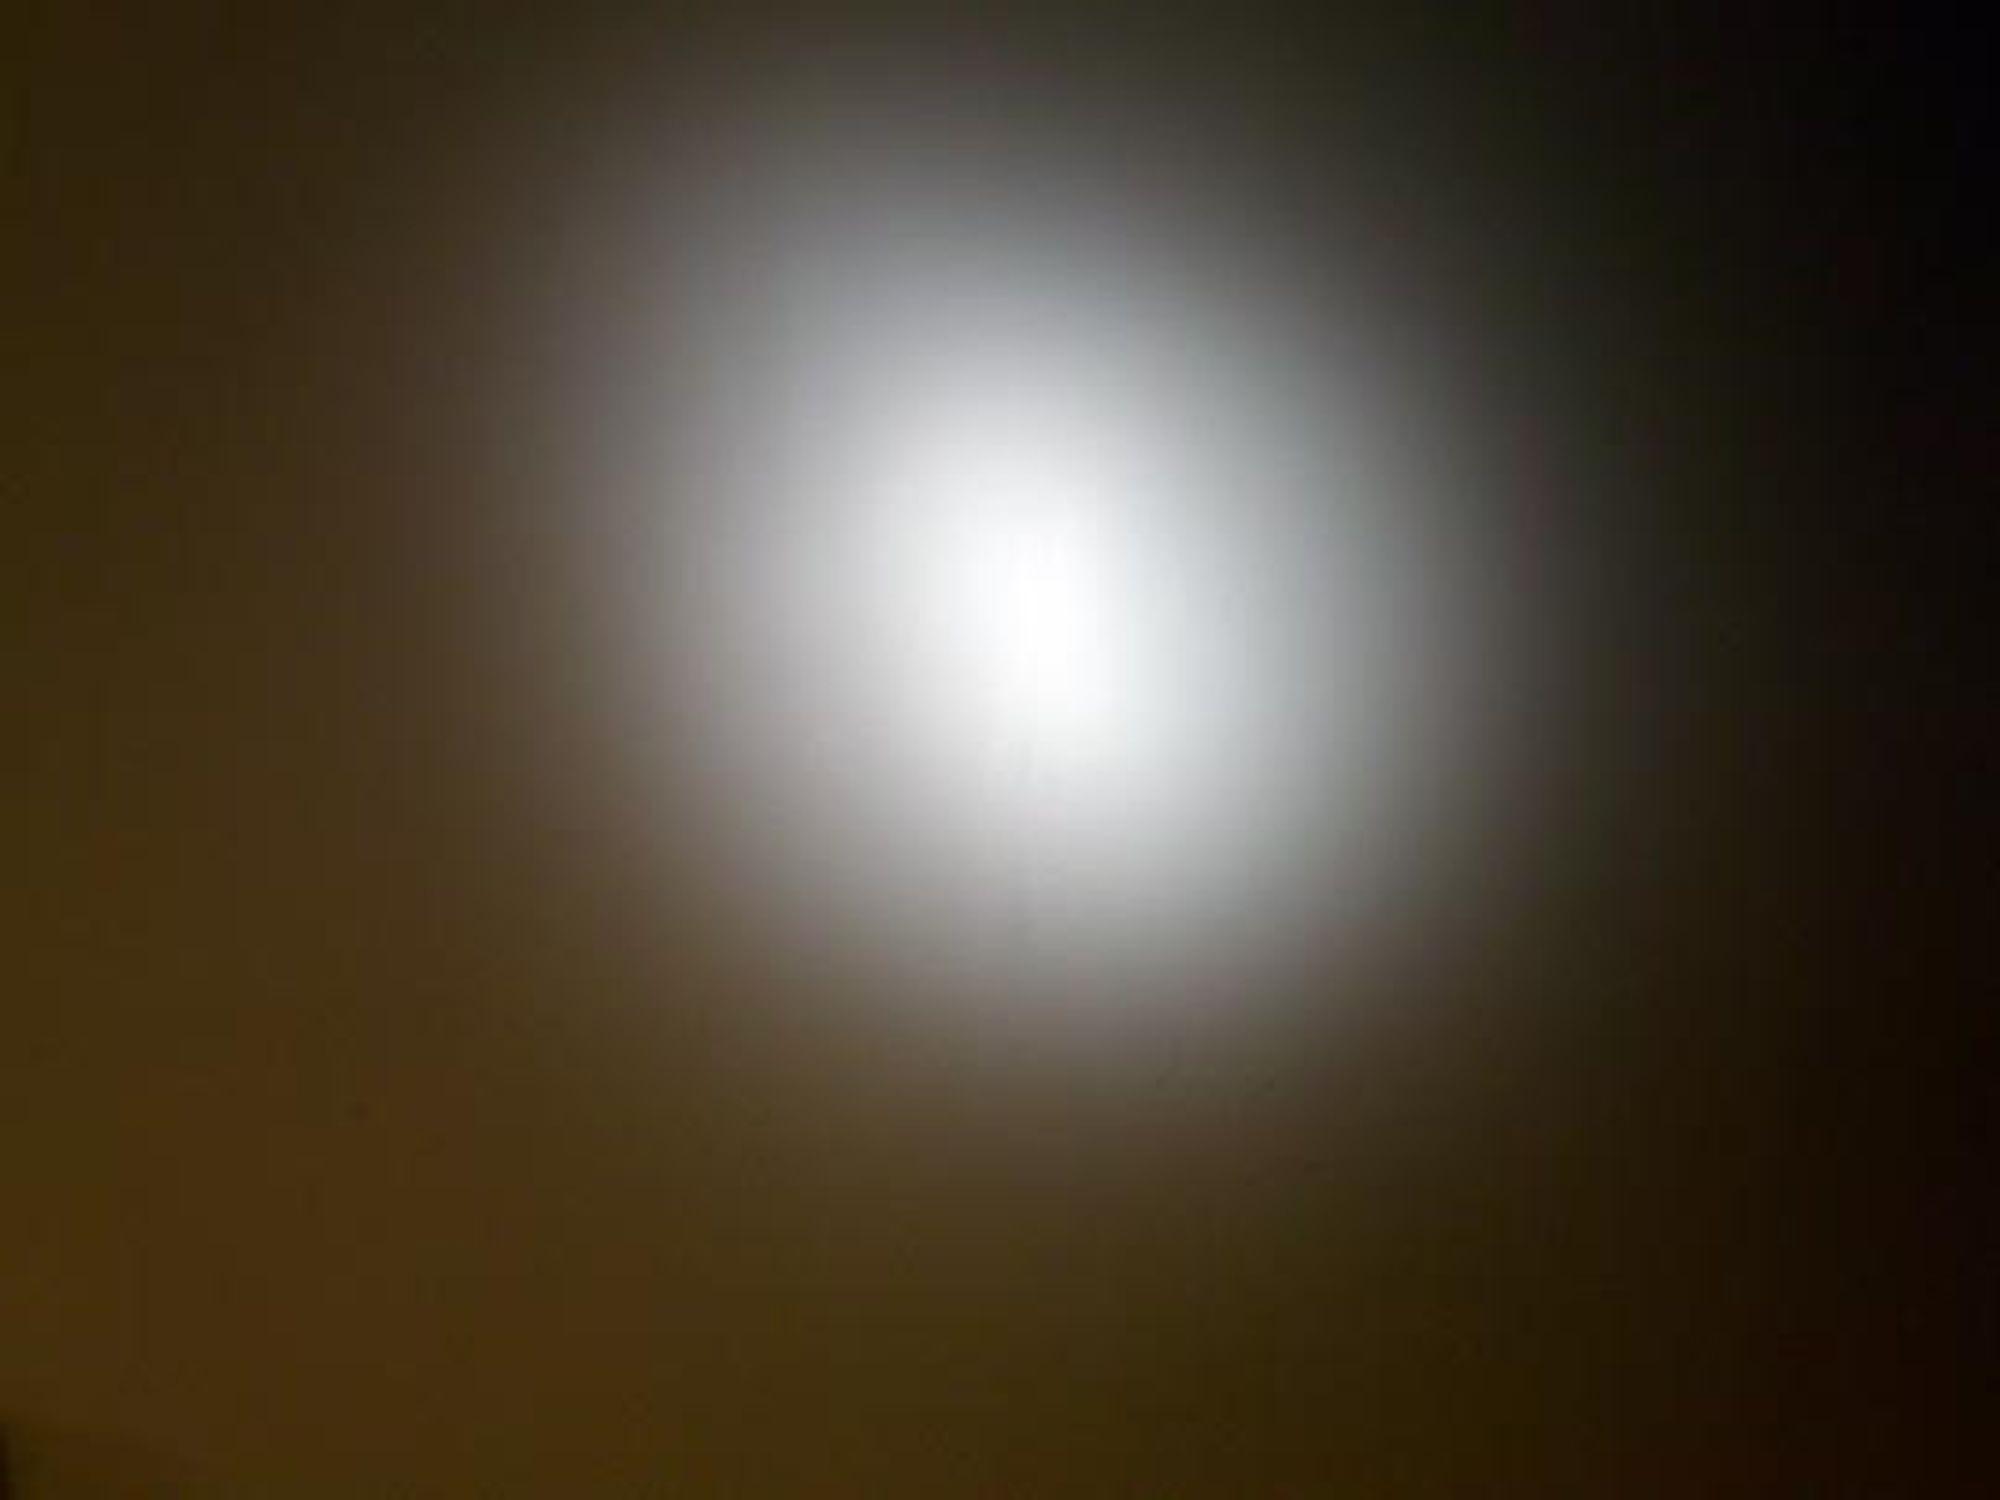 Med forsats, 105 mm zoom på blitsen